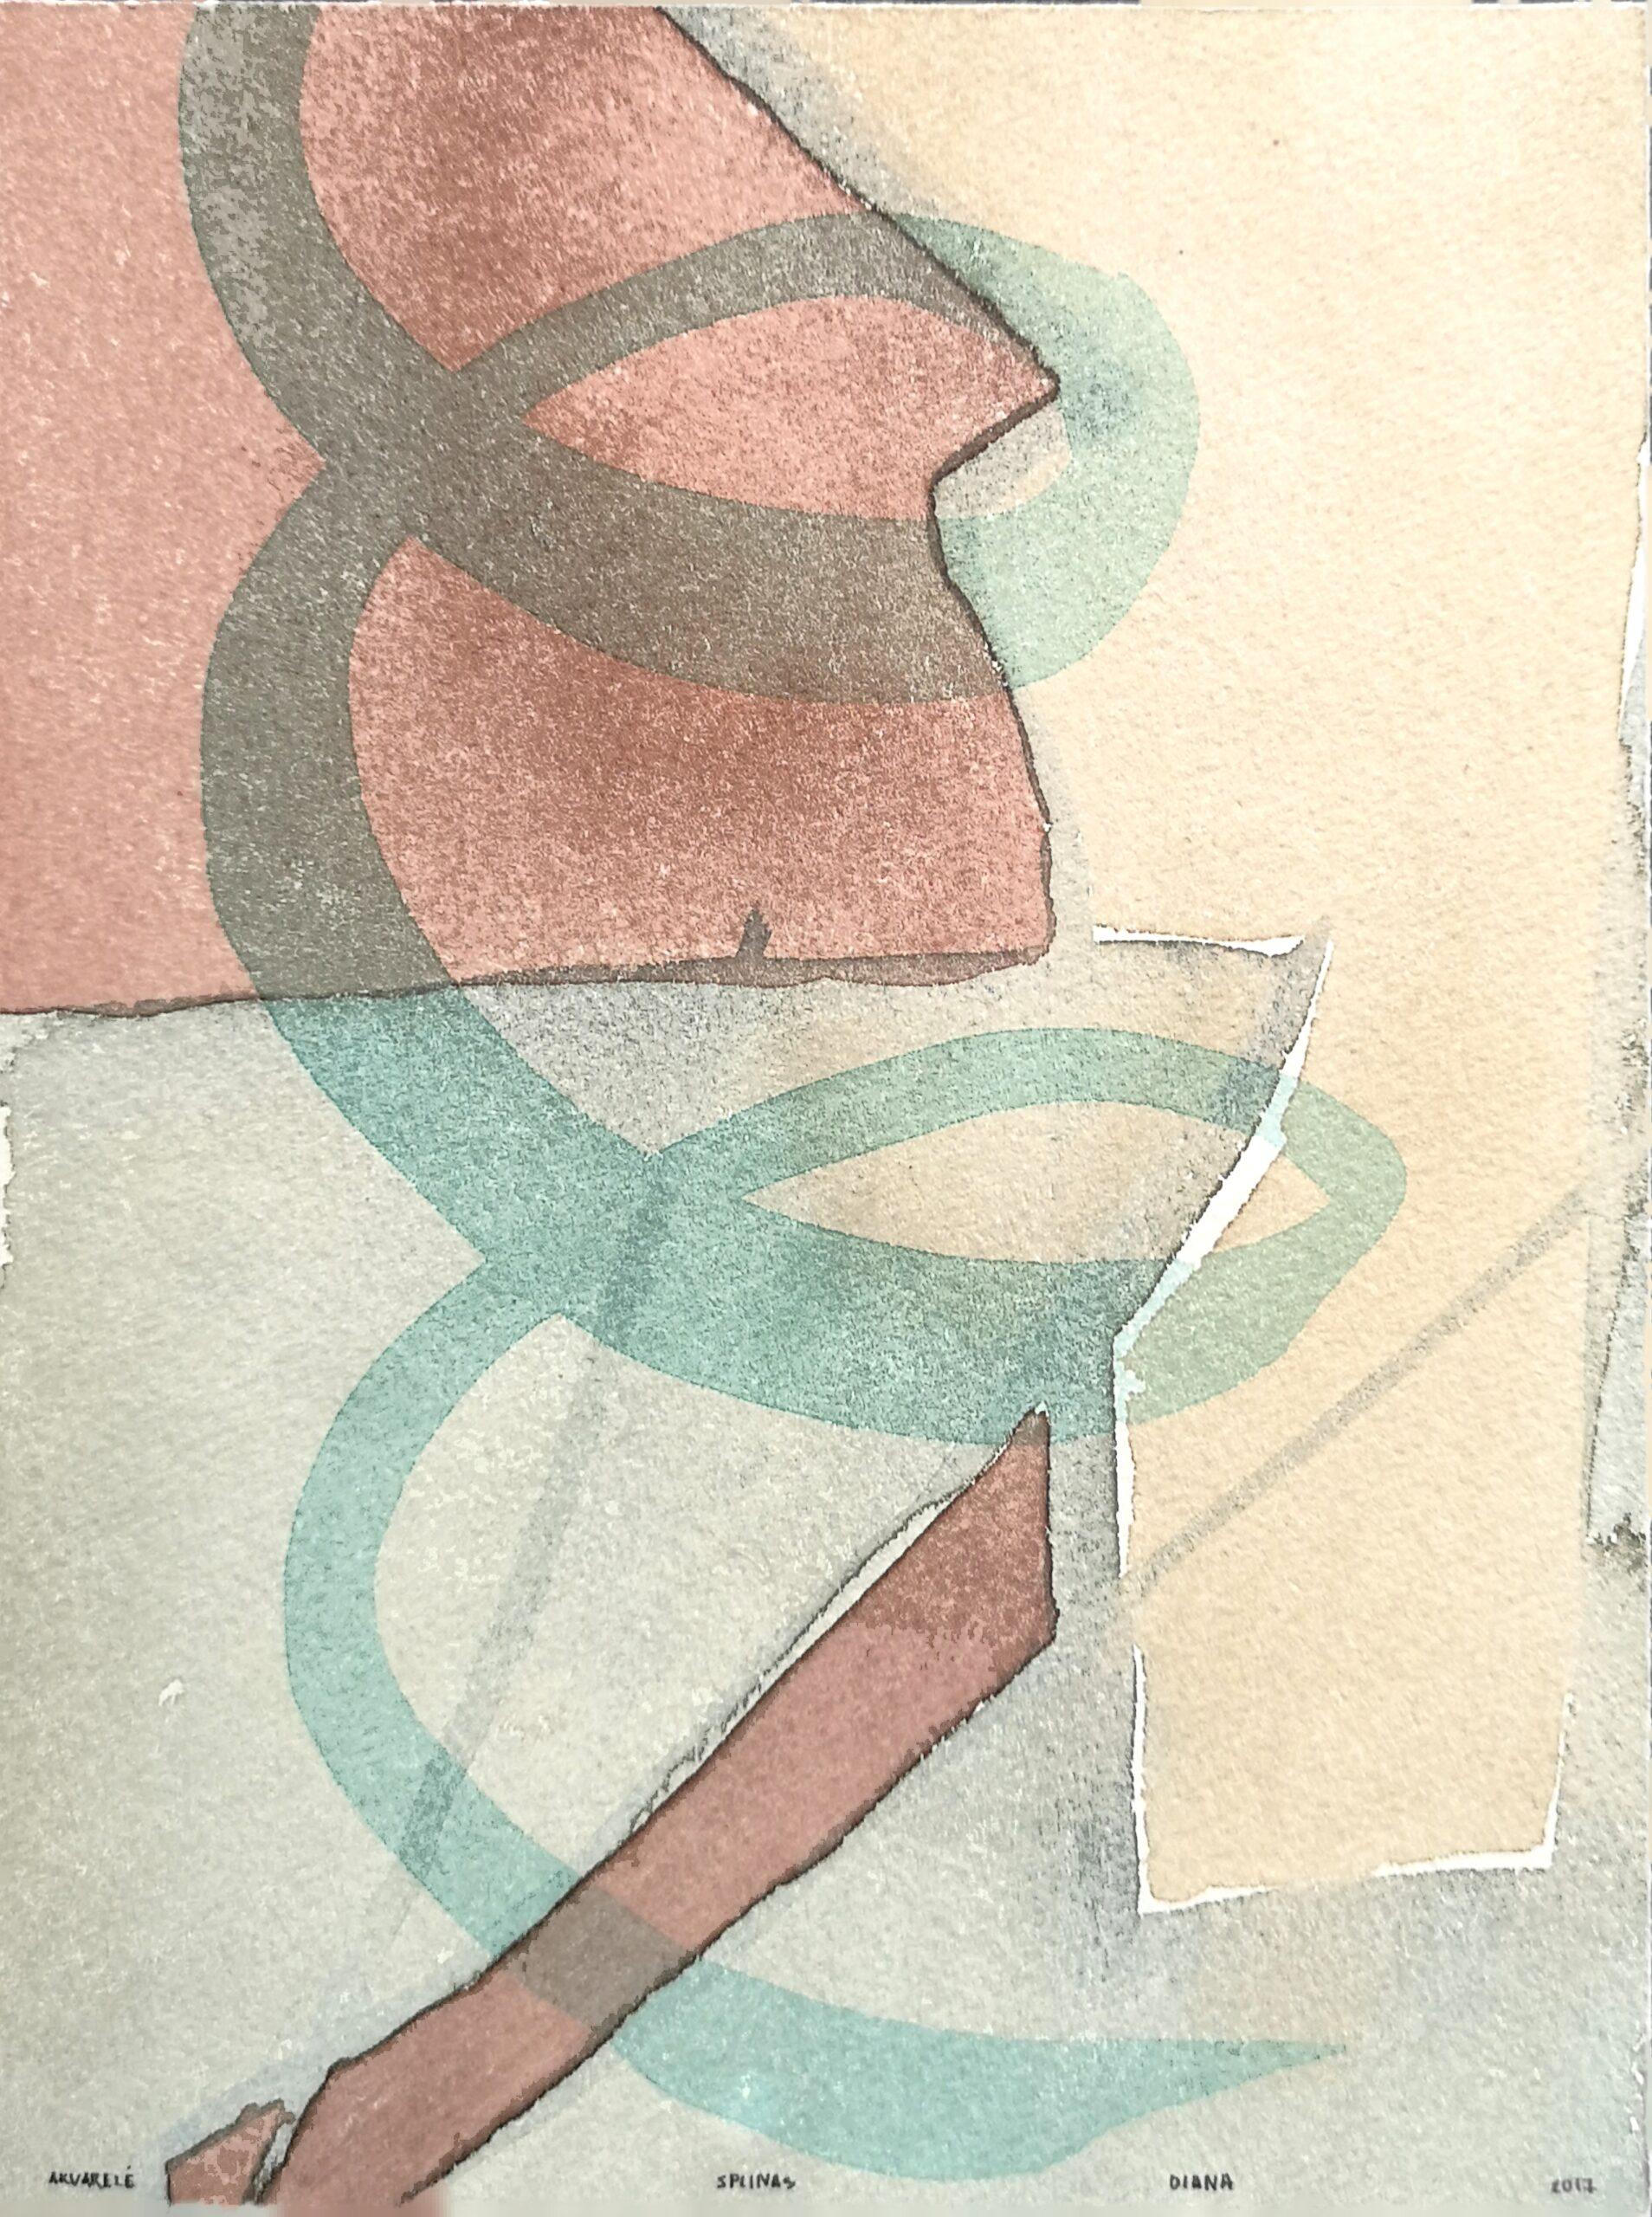 Covers.Charles Baudelaire Paris Split. Watercolor on print paper.20,5x15,5cm. 2017